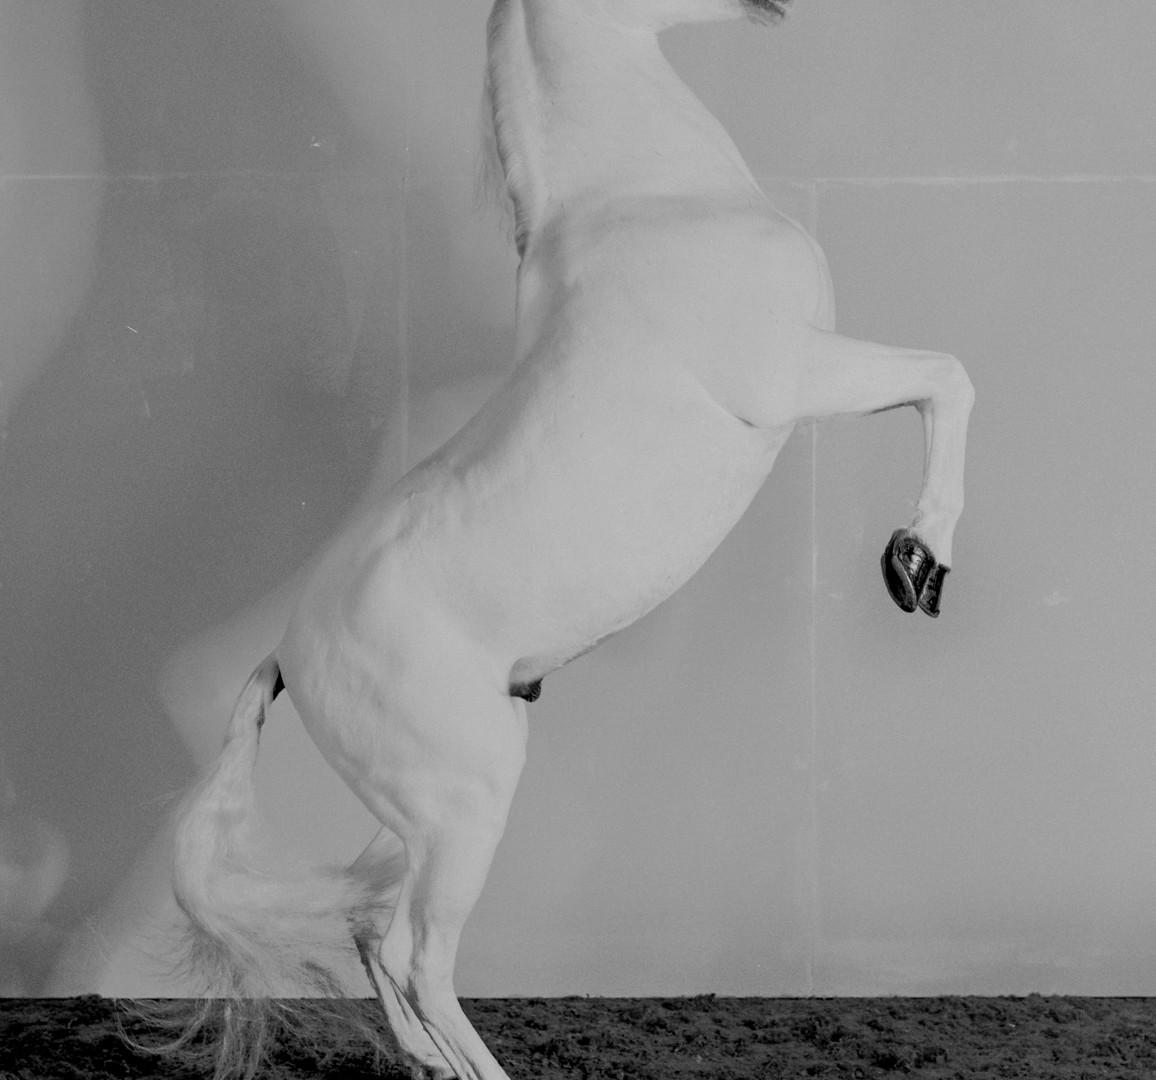 Richard Learoyd, 7 Horses (Horse 7), 2017